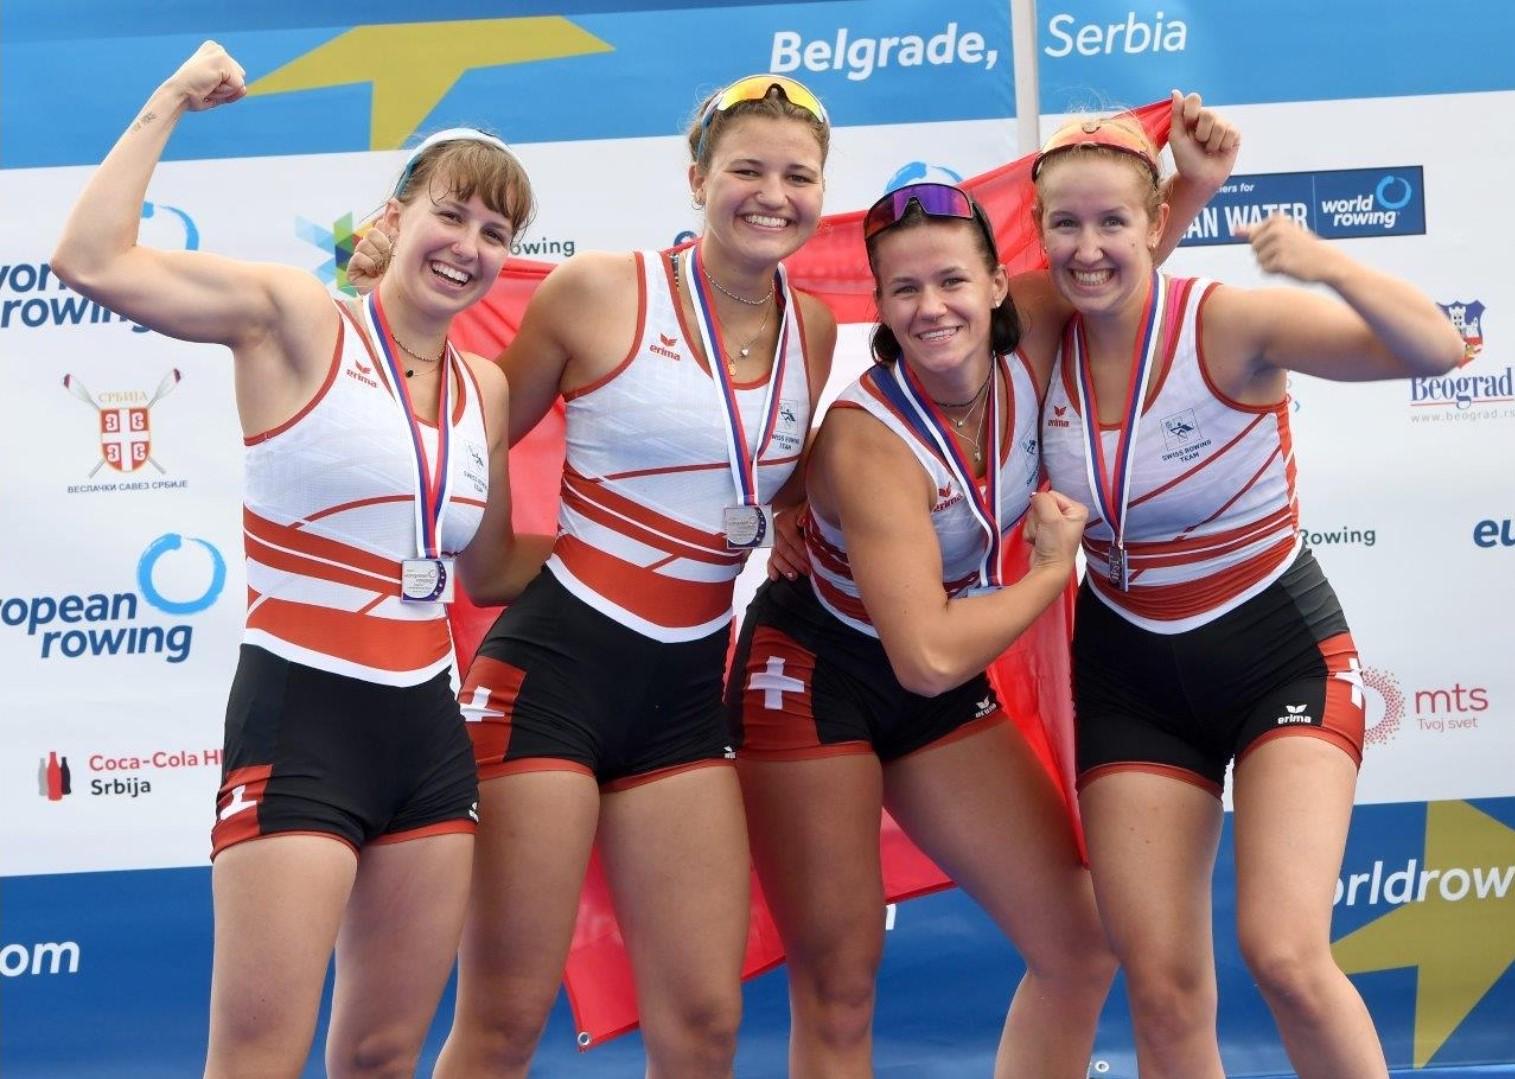 Silber an Junioren EM Belgrad